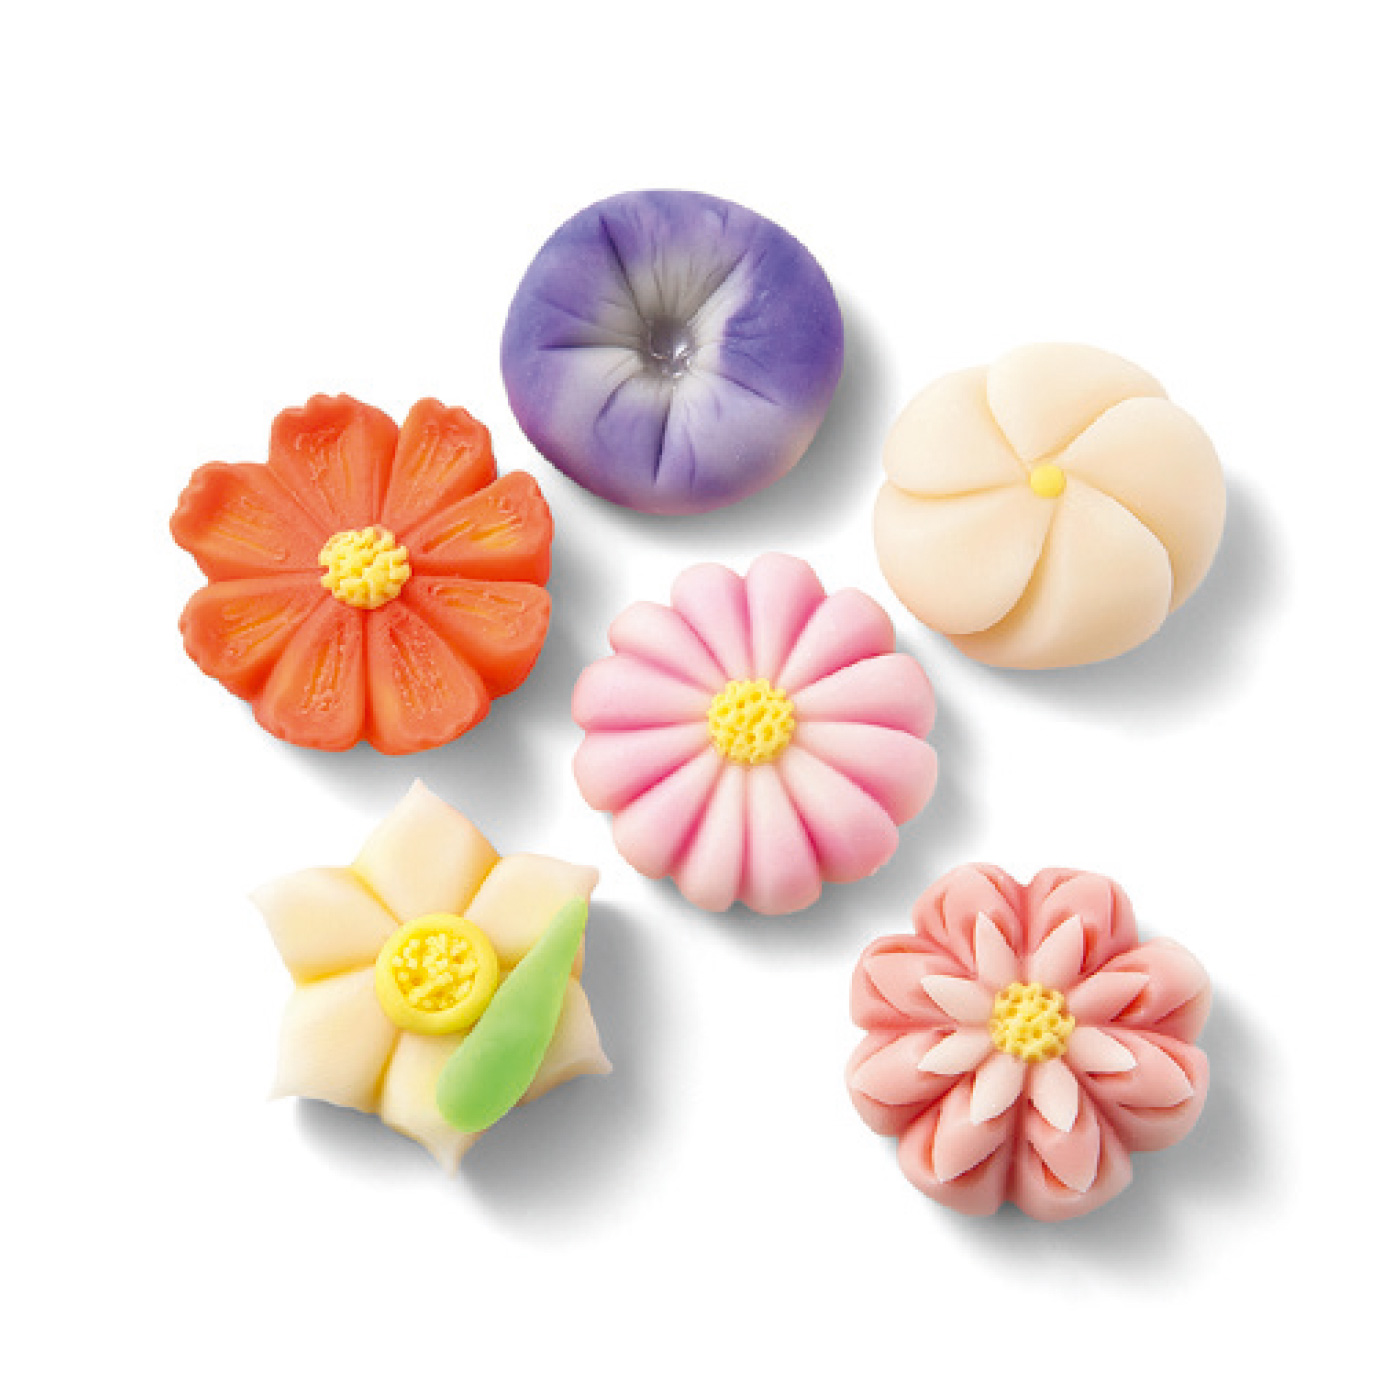 お手持ちの絵の具でこんなアレンジ作品も! 粘土は1回のお届けで約5~8個のモチーフを作れる量がセットされています。